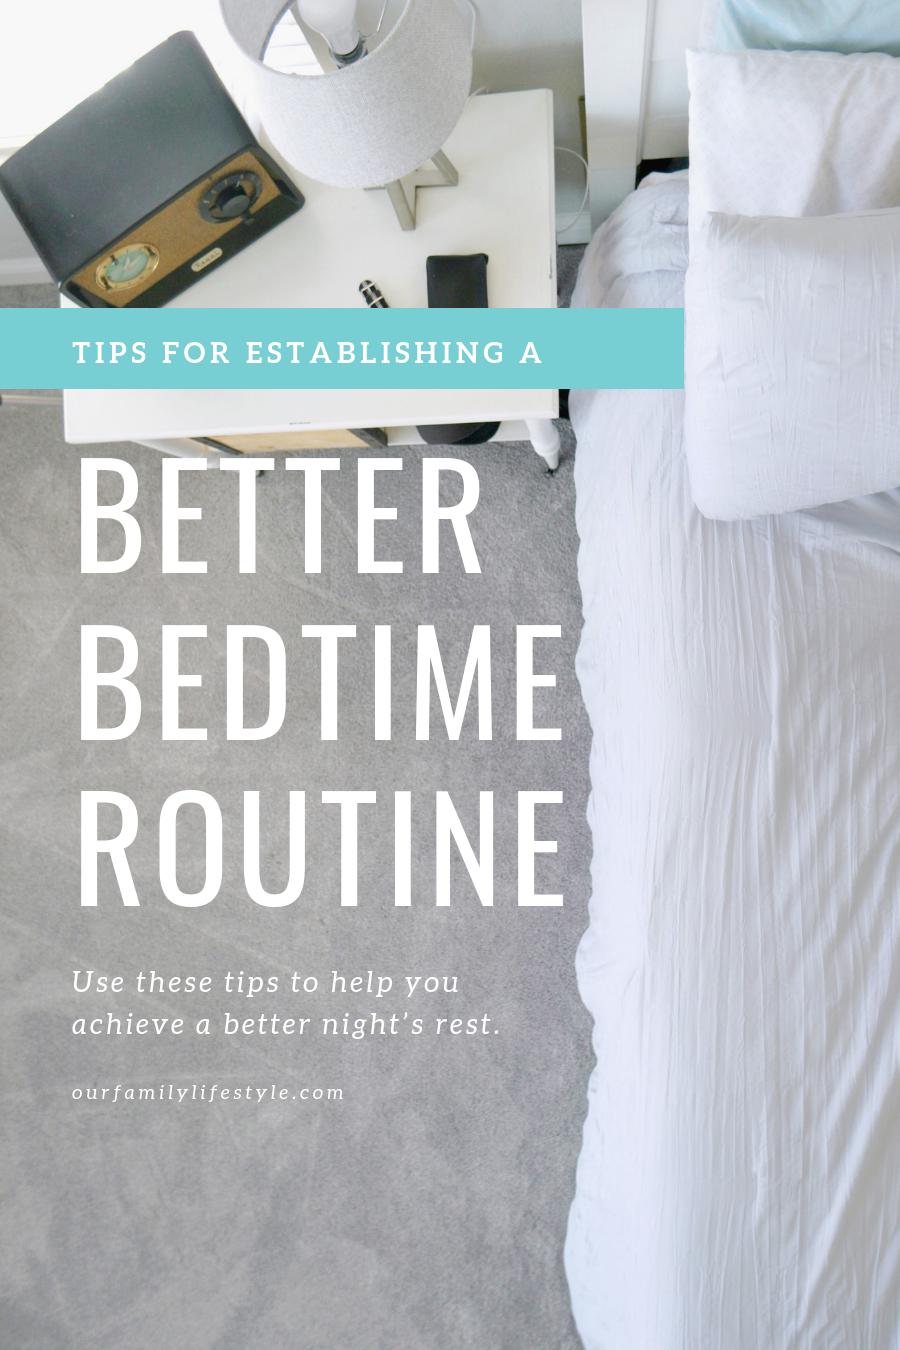 Tips for establishing a better bedtime routine